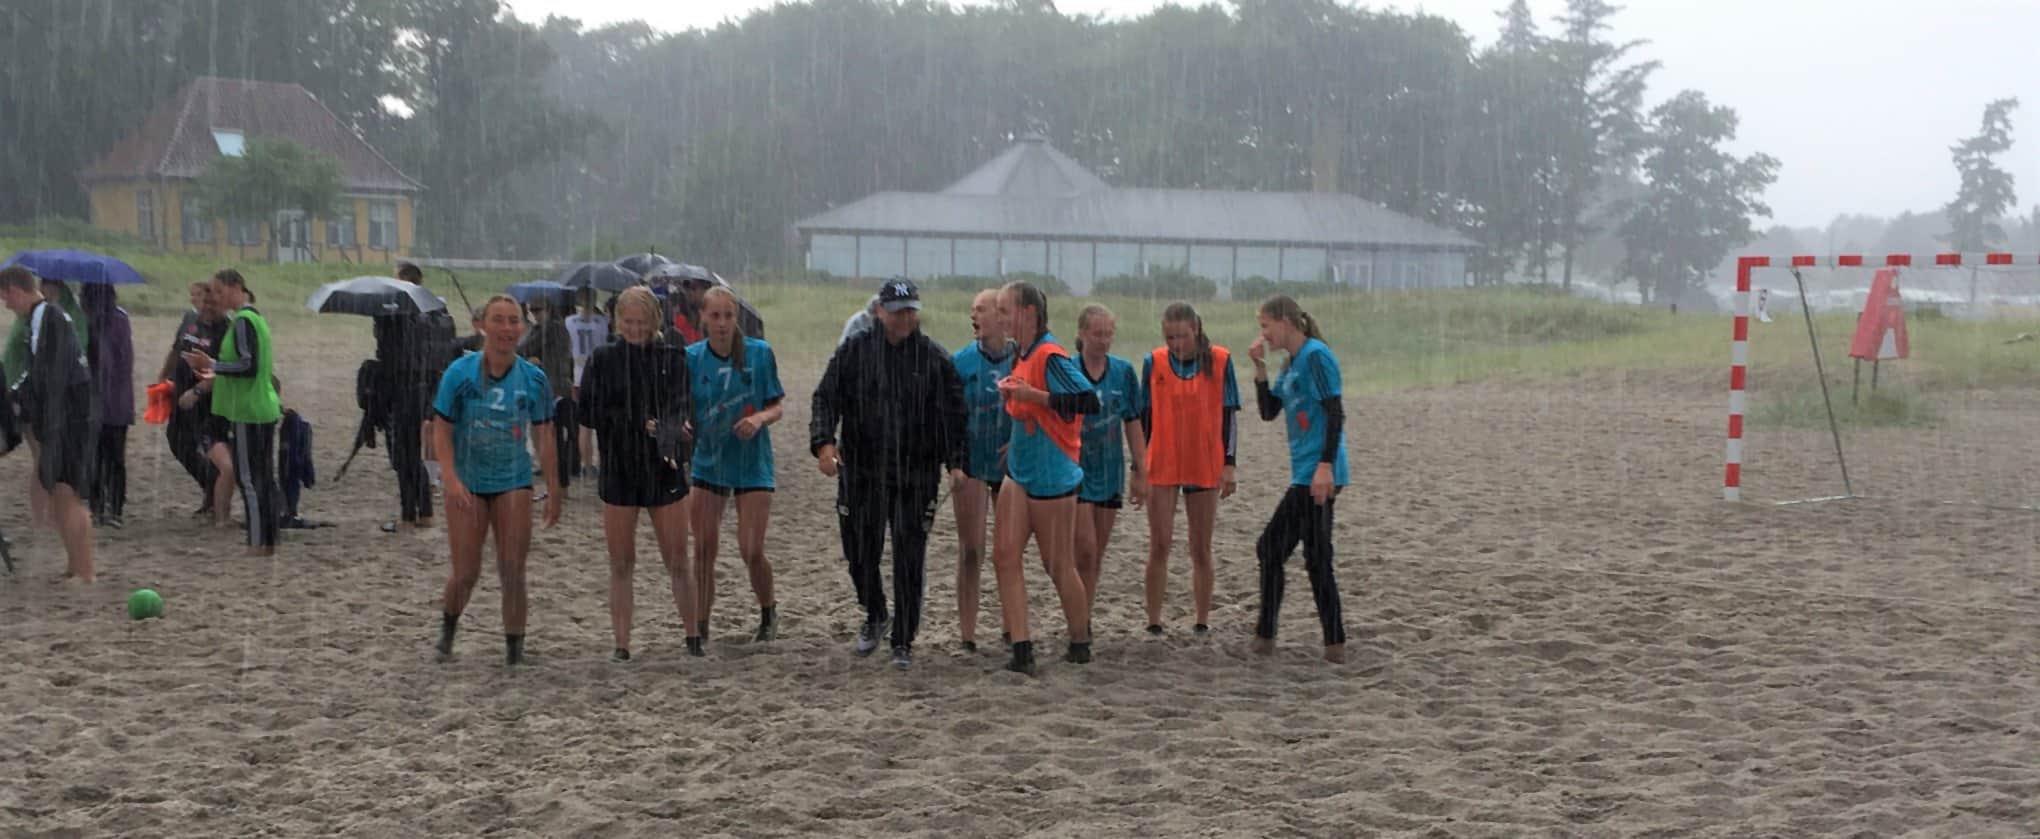 DM Sejr i regnvejr